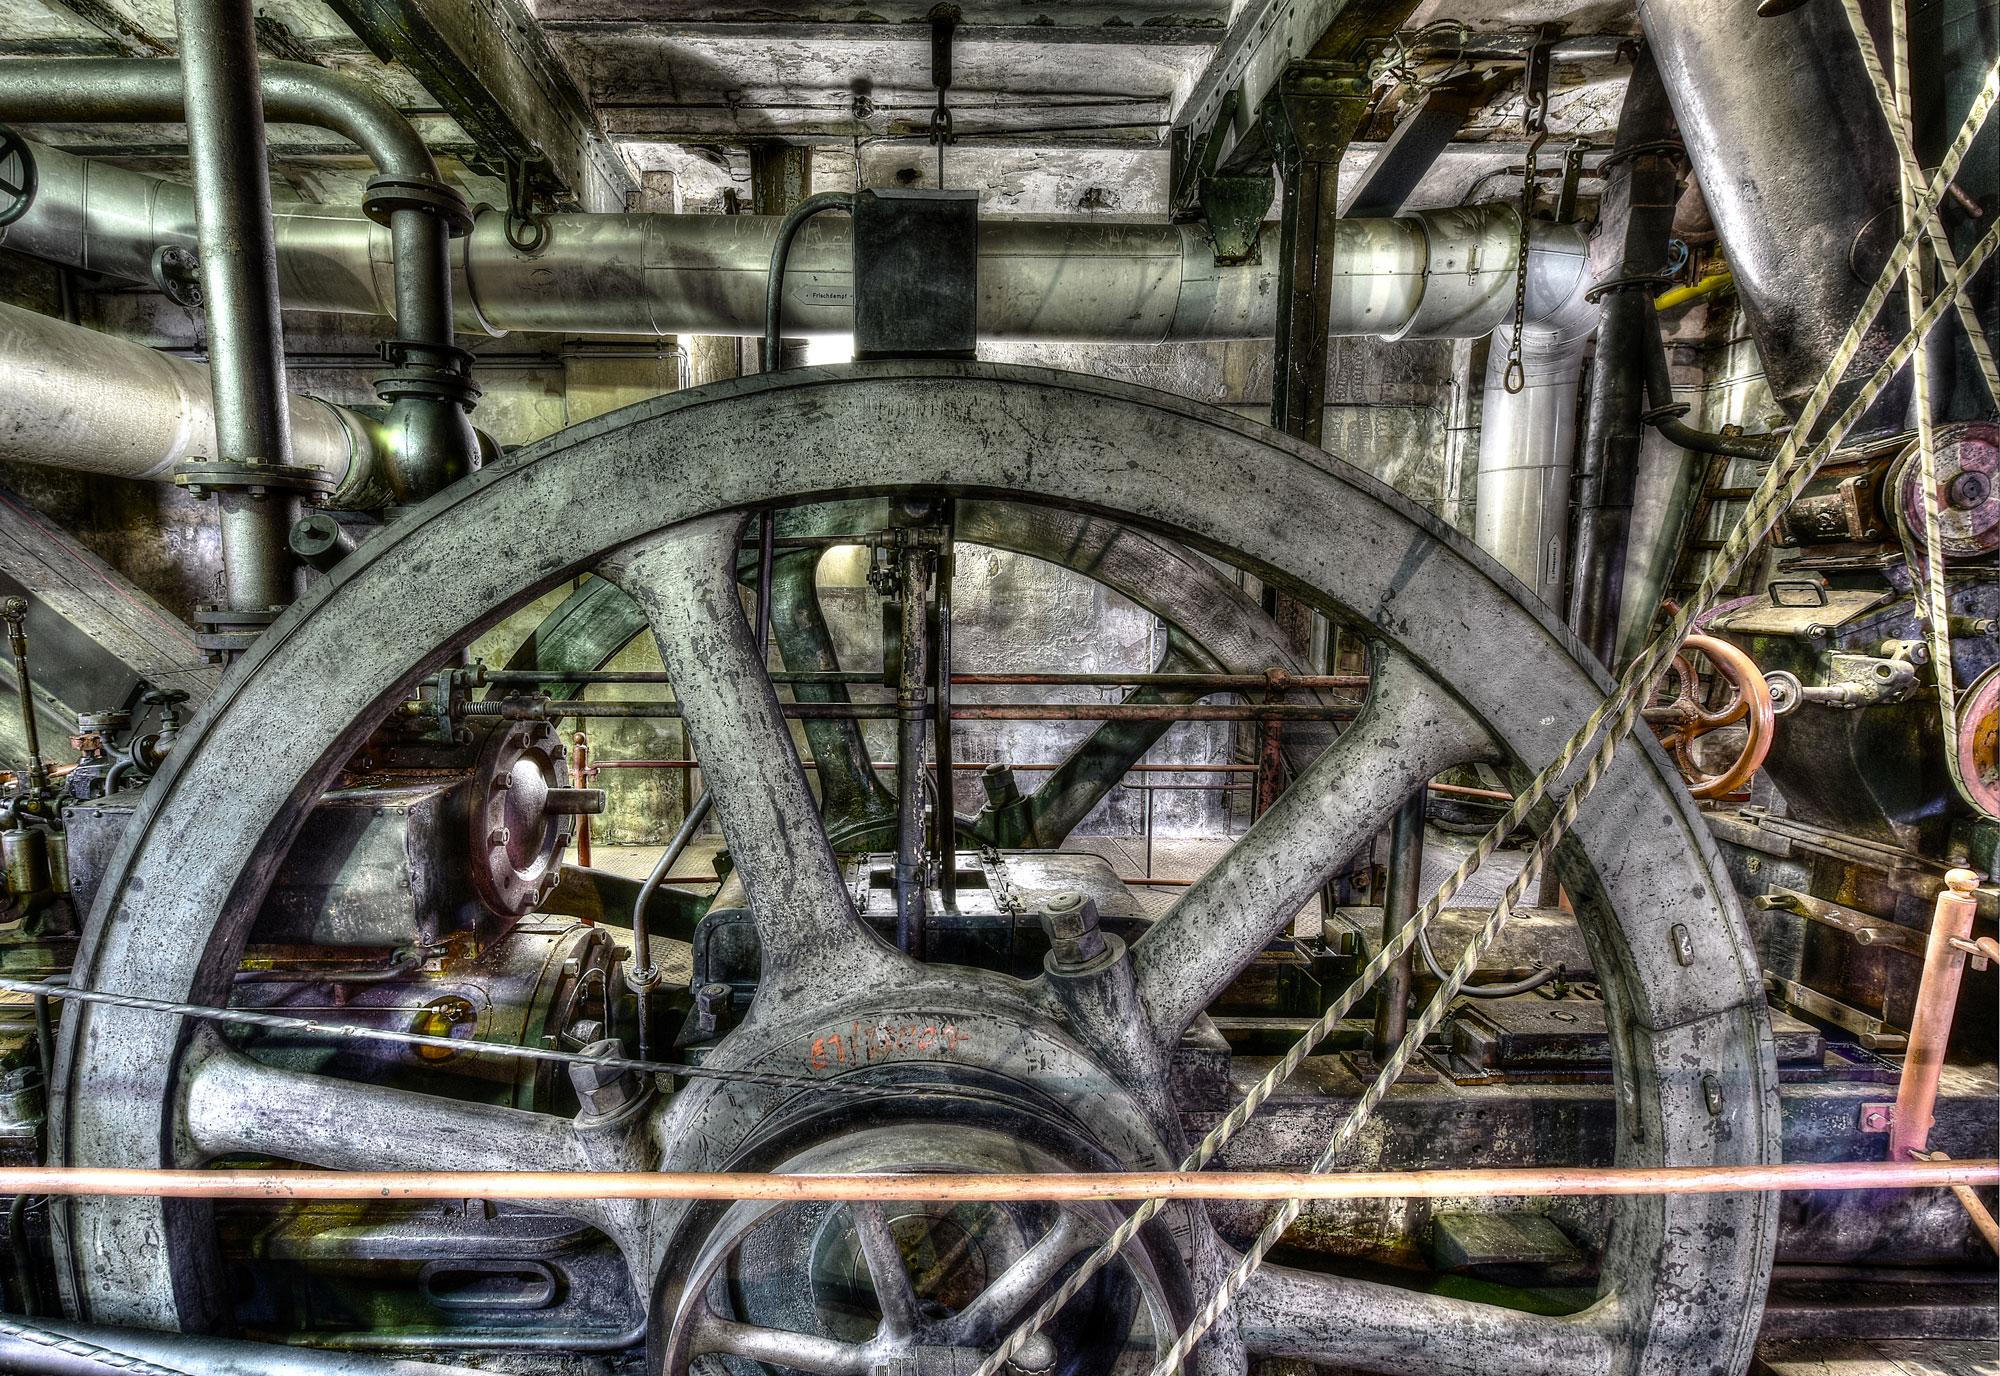 brikettfabrik-schwungrad